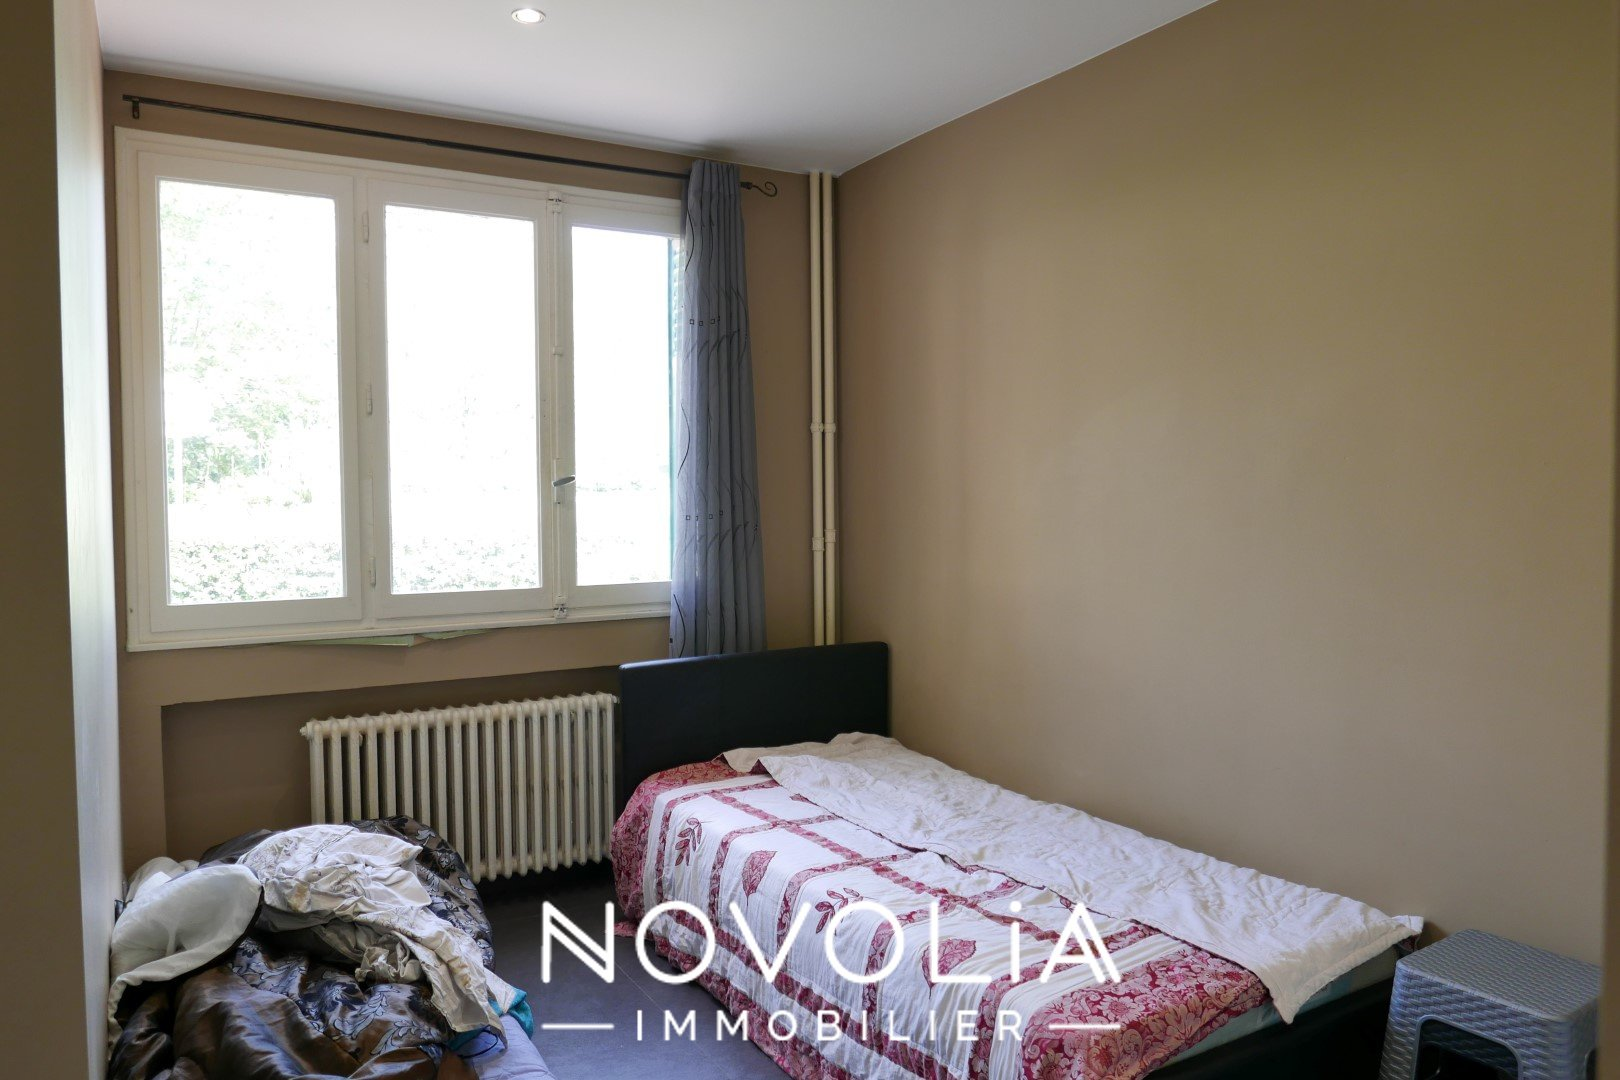 Achat Appartement Surface de 42 m²/ Total carrez : 42 m², 2 pièces, Villeurbanne (69100)